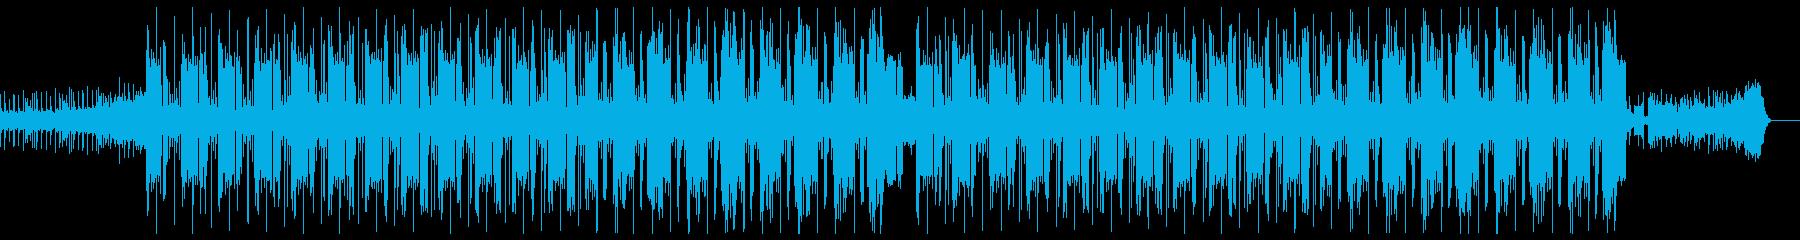 切ない レトロ 哀愁 トラップビートの再生済みの波形